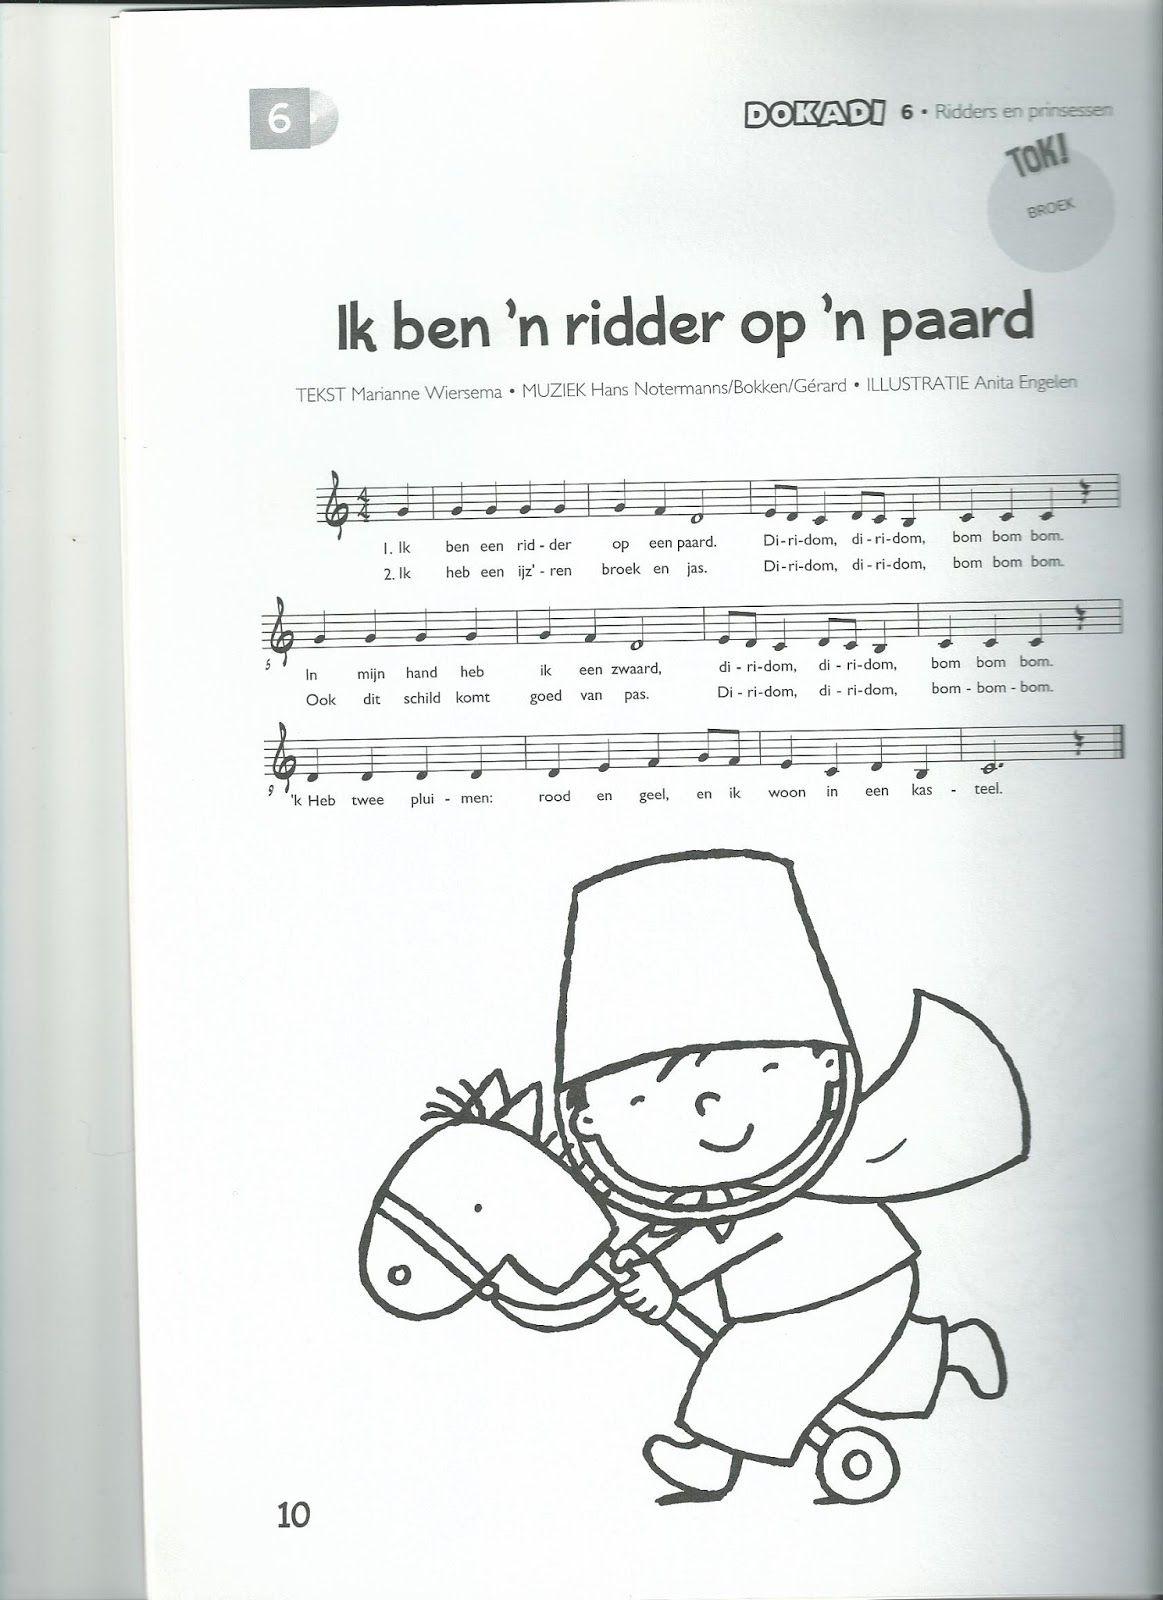 Afbeeldingsresultaat voor lied dokadi de ridder